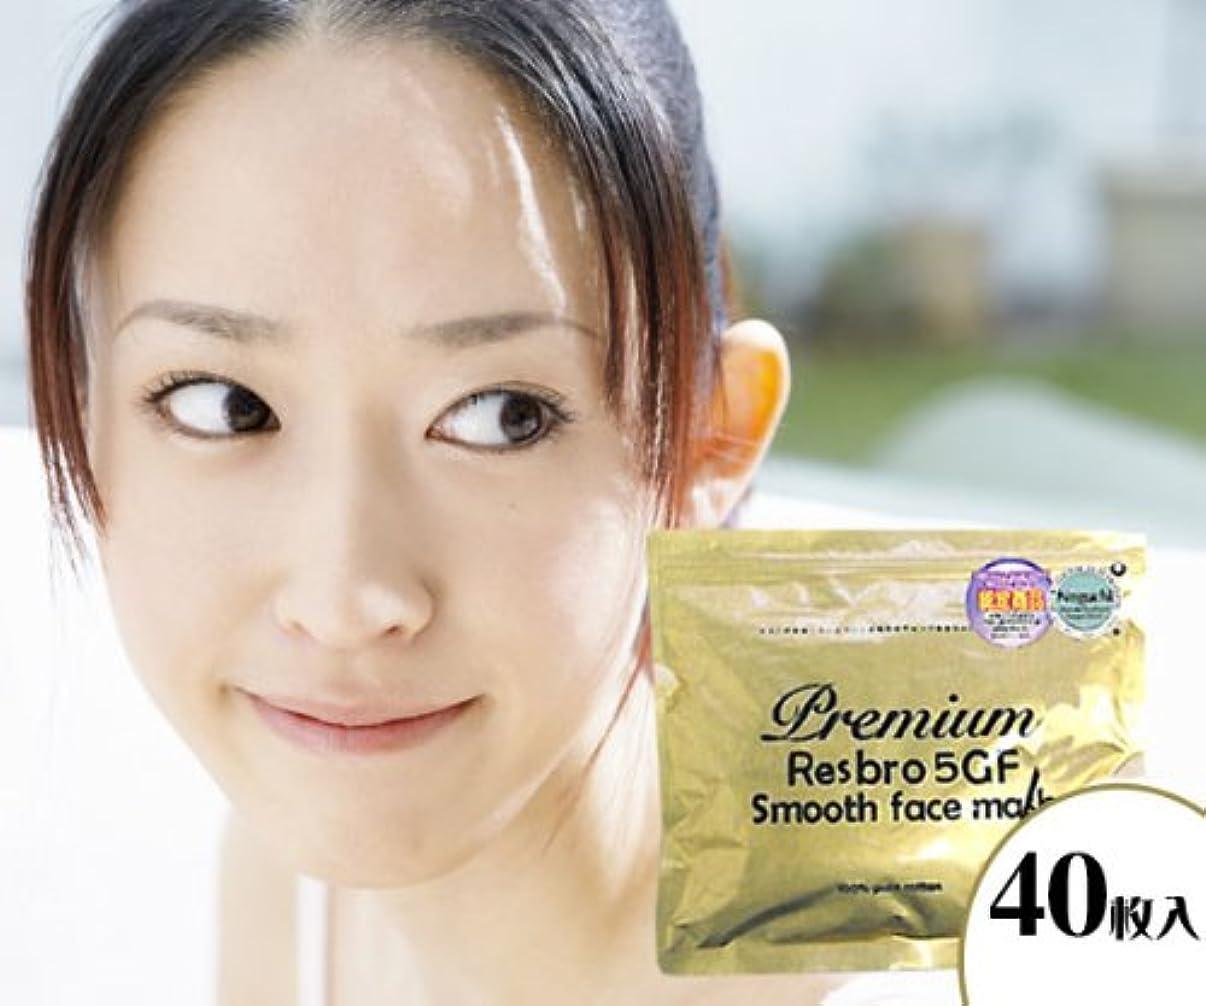 疲れたキャロライン熟達したレスブロ5GFスムースフェイスマスク 40枚入り (こちらの商品の内訳は『40点』のみ)